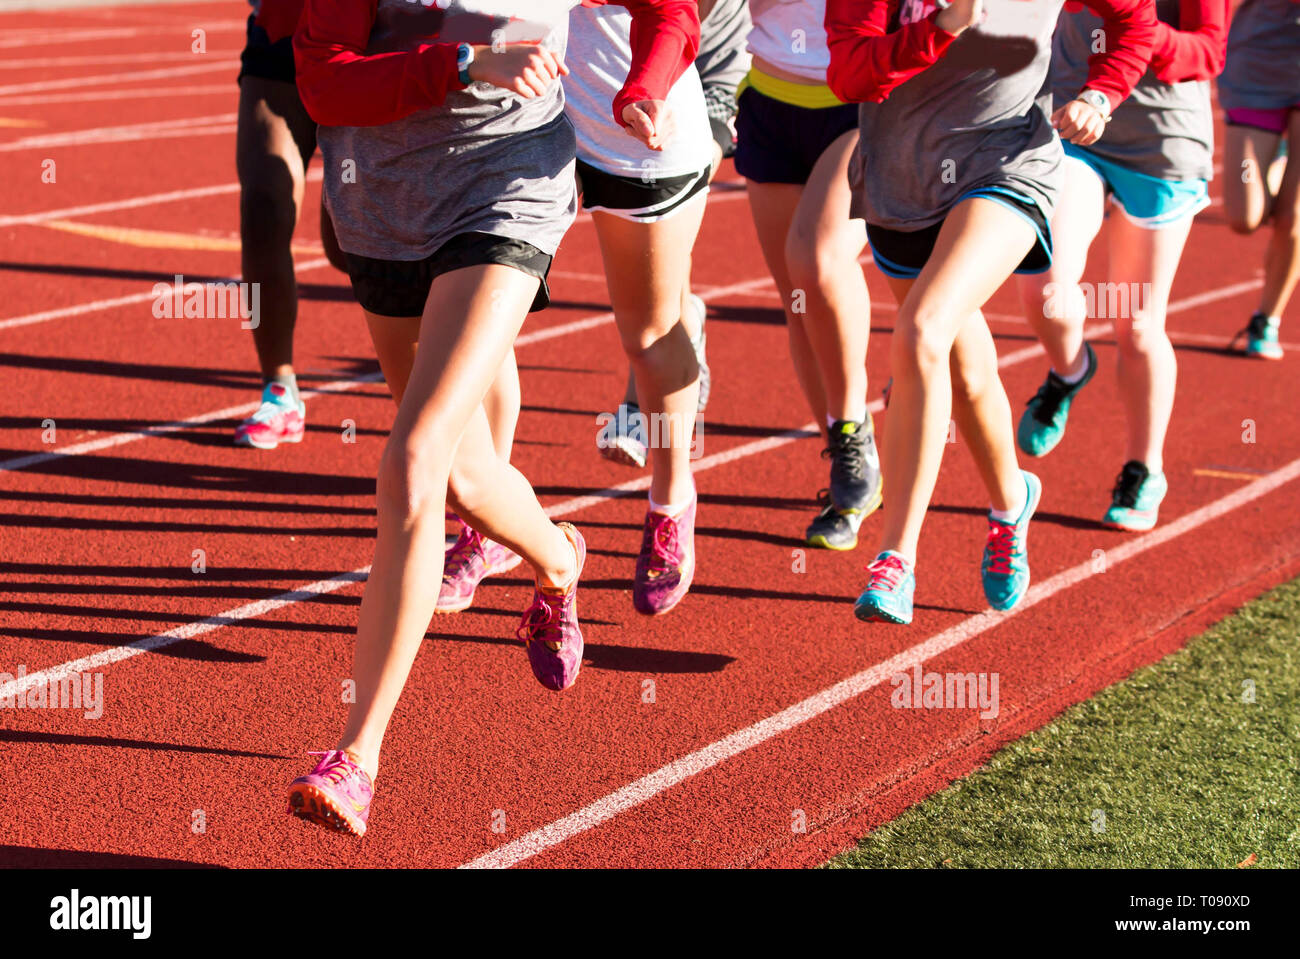 Girls cross country workout running